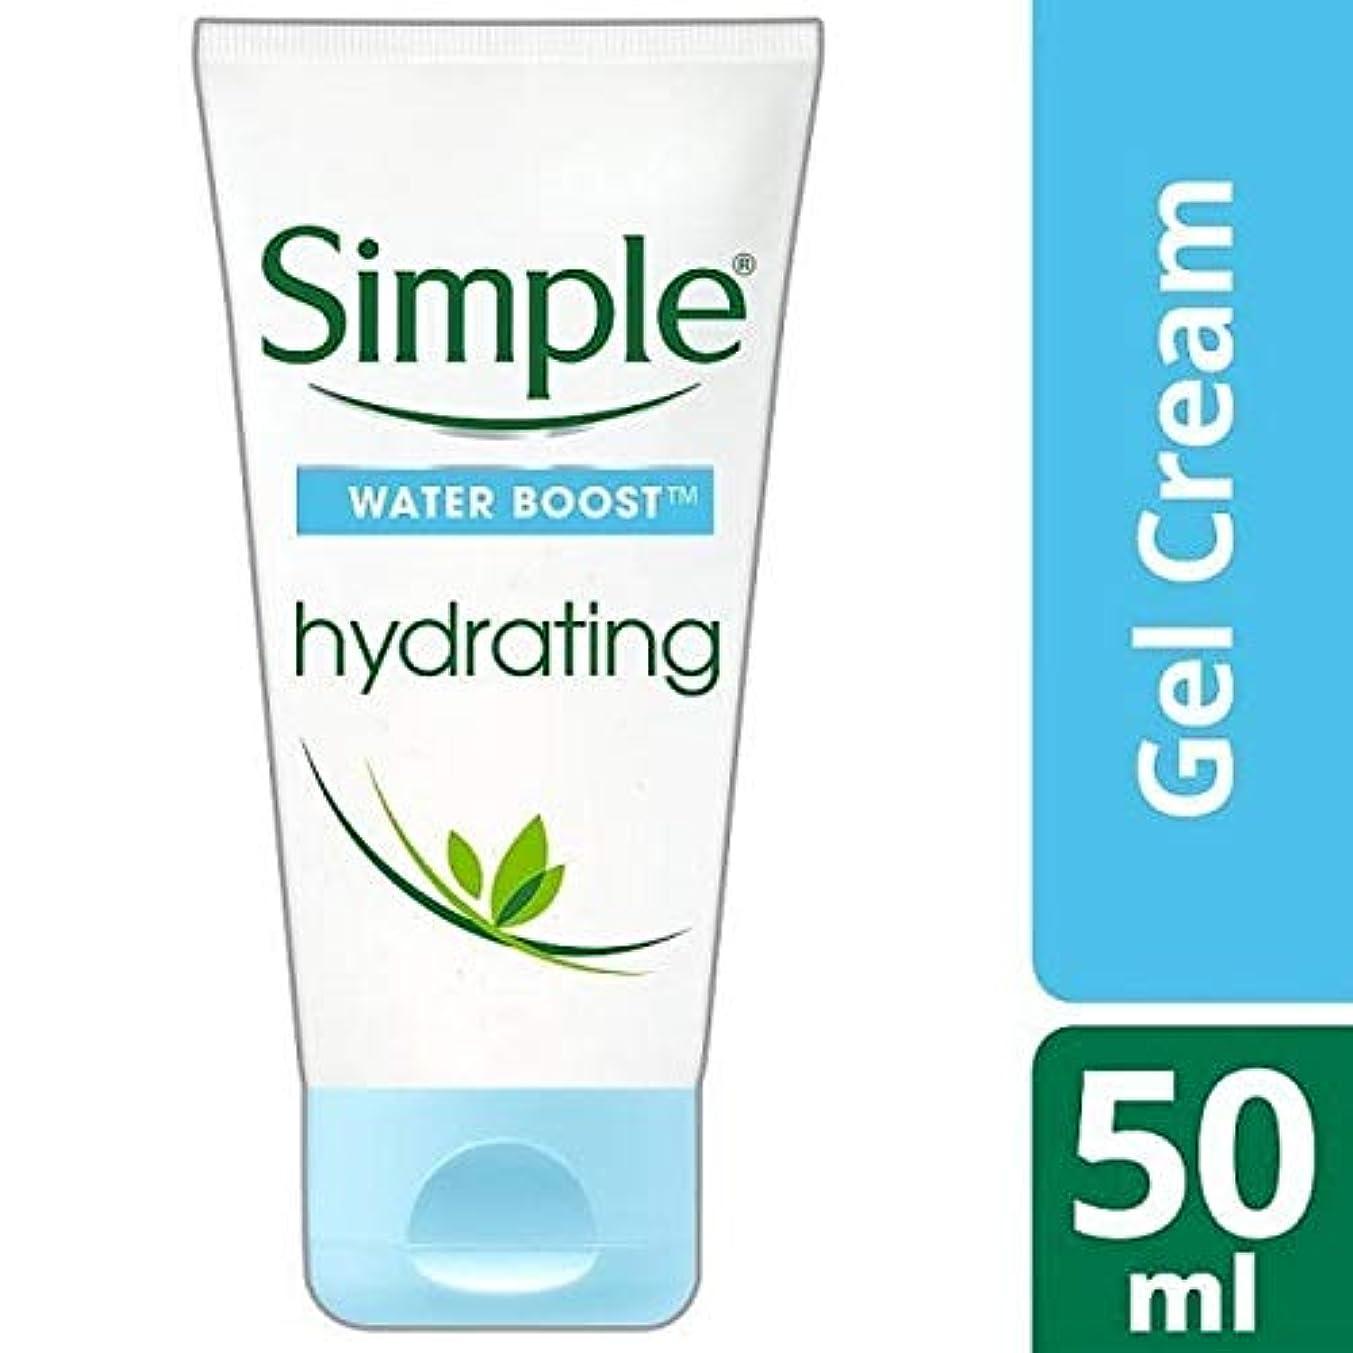 ベーカリーピュー主要な[Simple ] シンプルな水ブースト水和ゲルフェイスクリーム50Ml - Simple Water Boost Hydrating Gel Face Cream 50ml [並行輸入品]